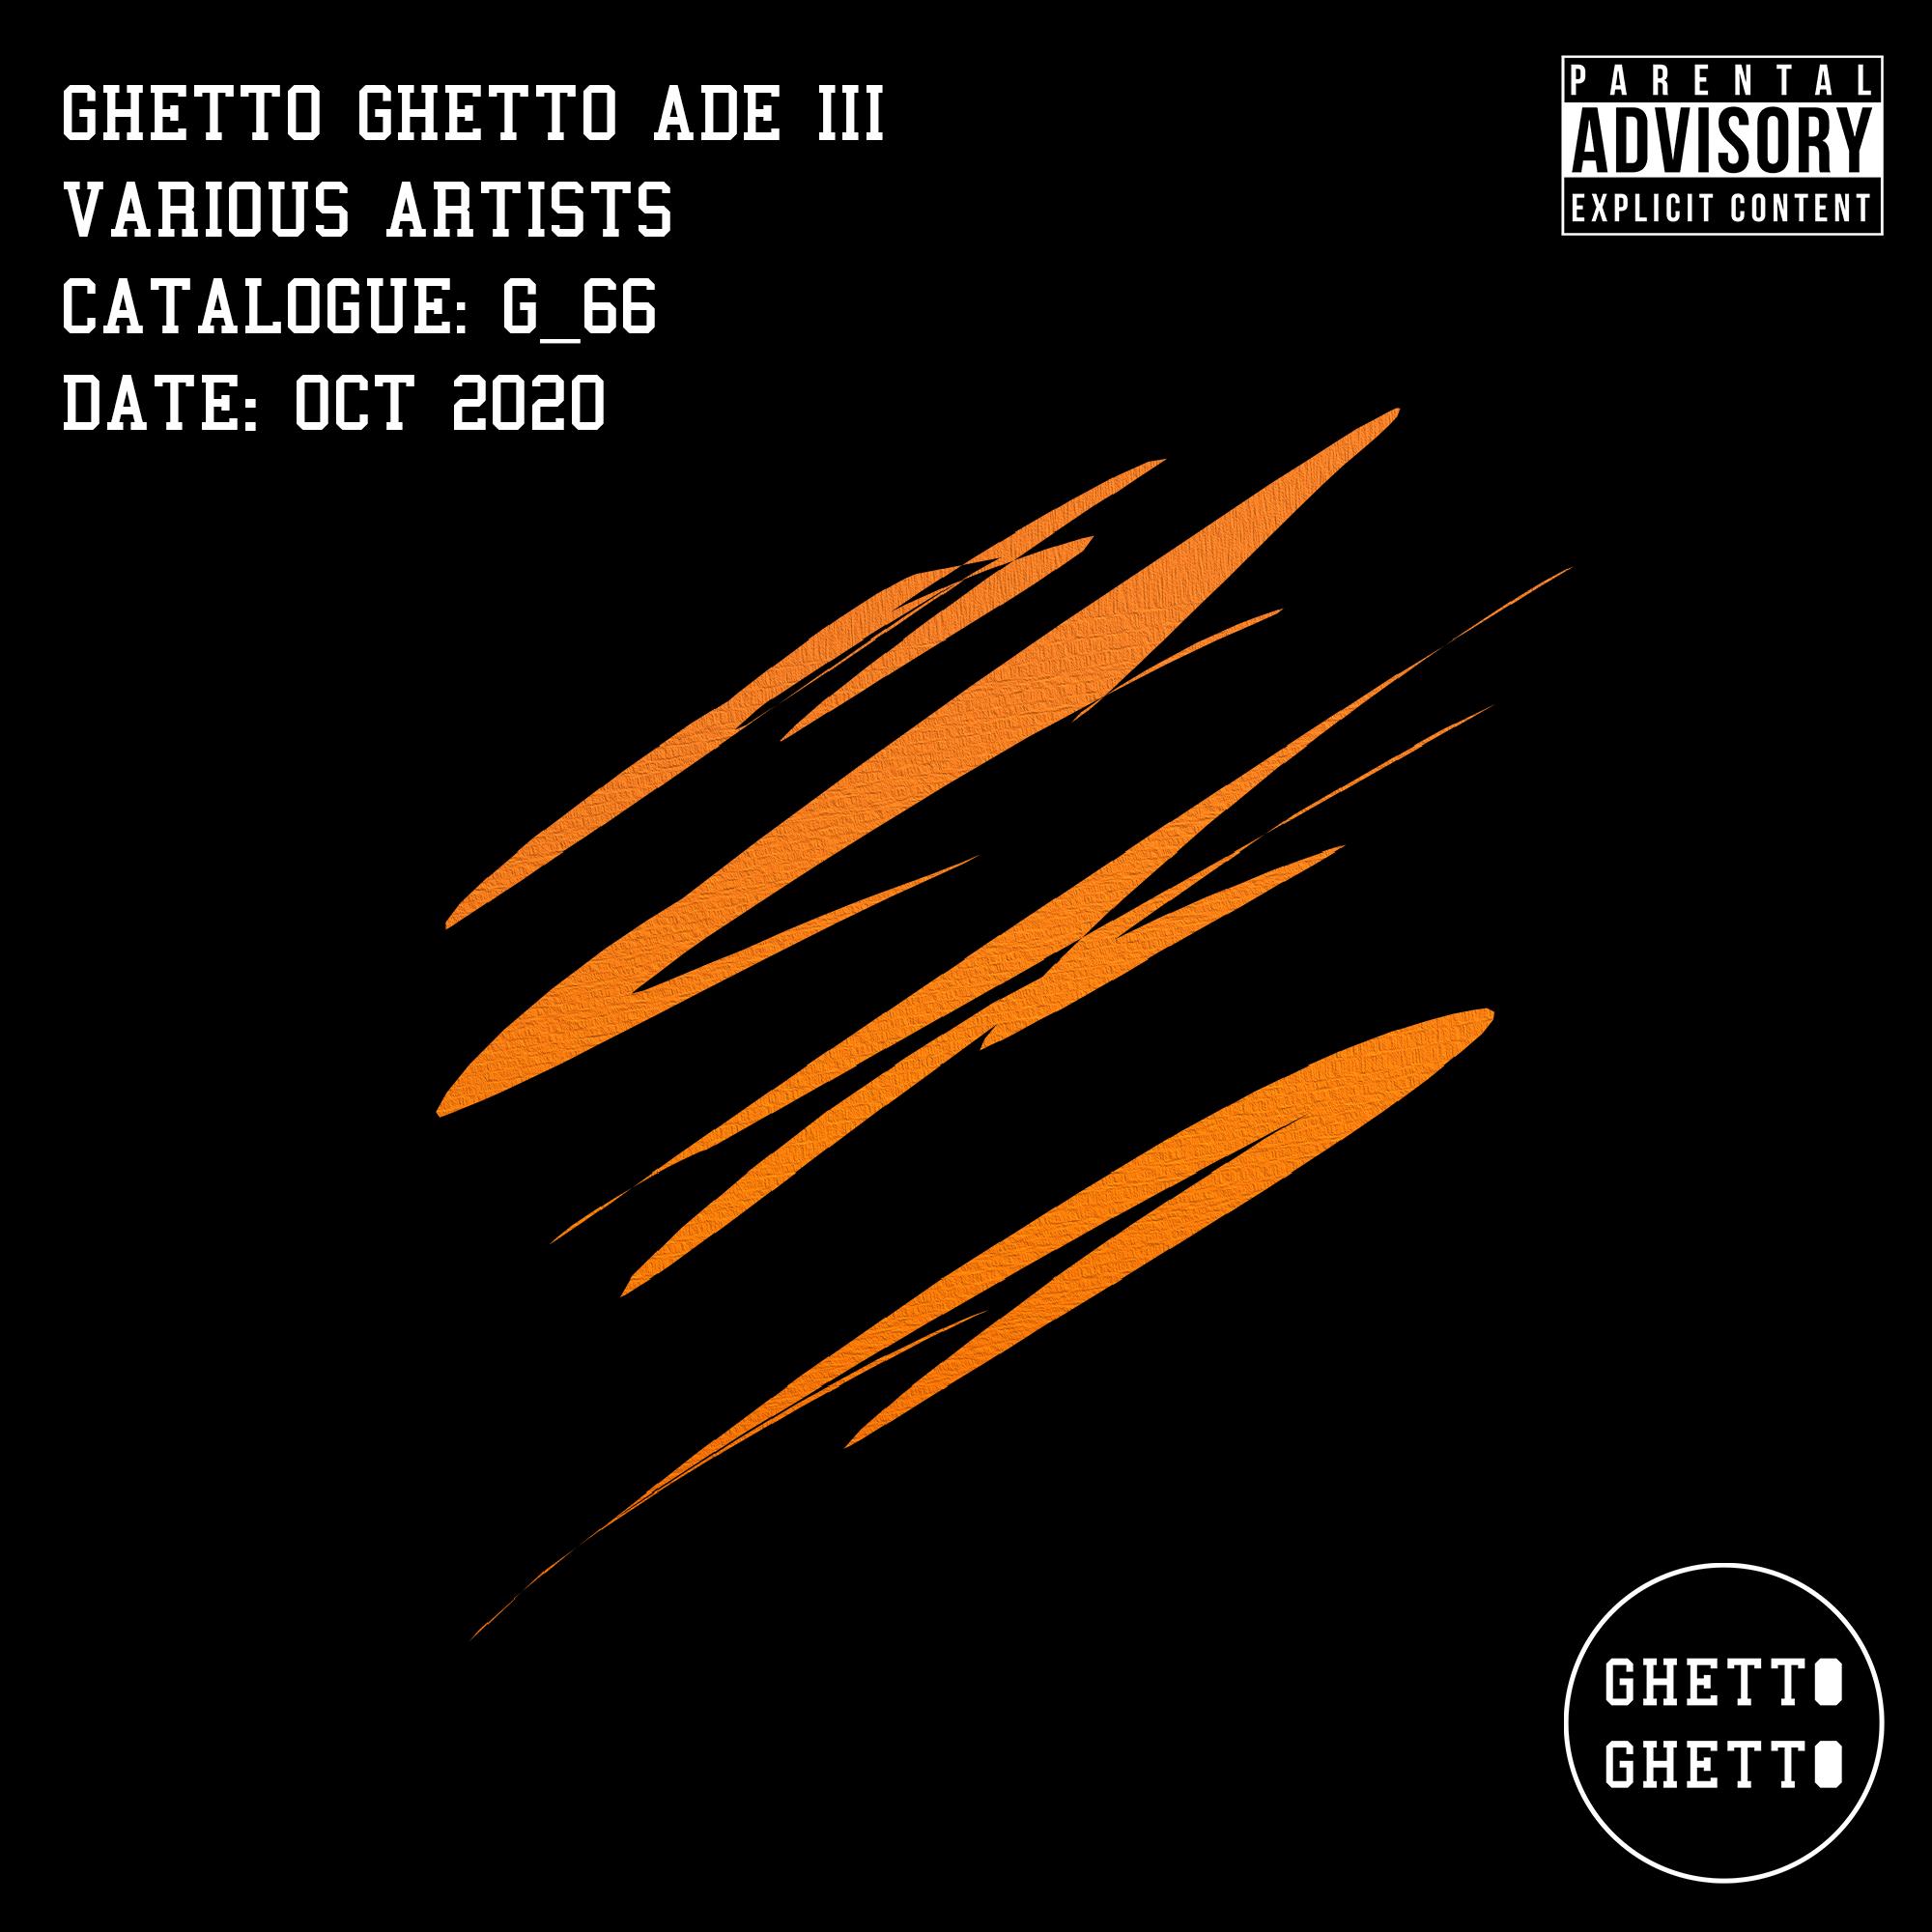 G_66 - Ghetto Ghetto ADE III